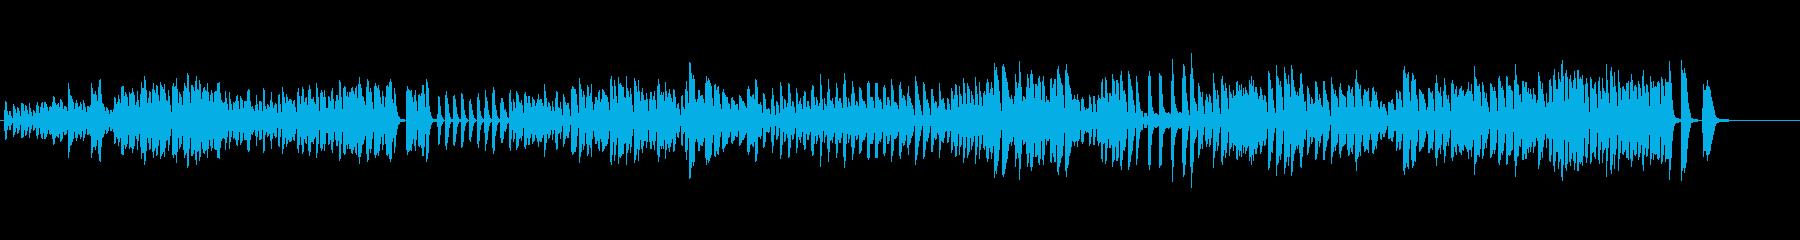 テンポの良いピアノ曲の再生済みの波形